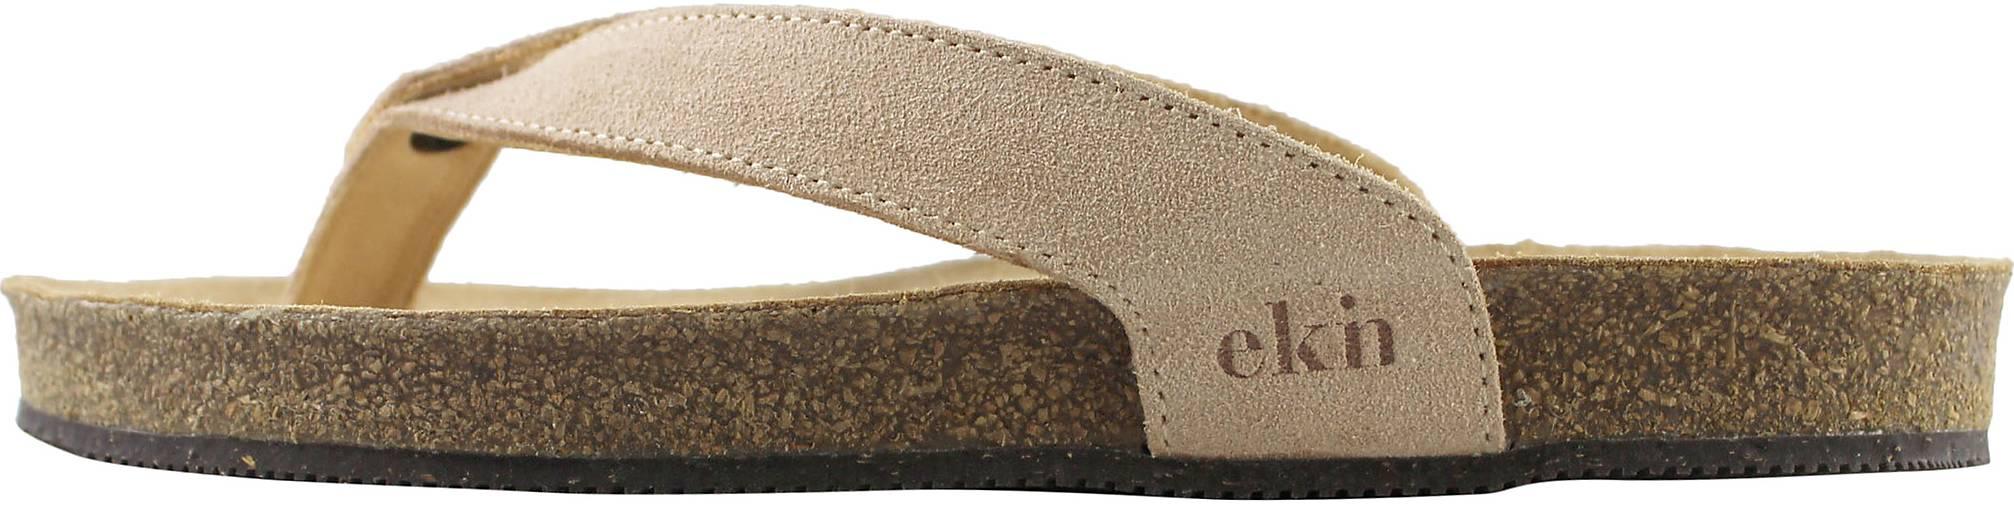 EKN Footwear Zehentrenner Sandal Light Brown Suede